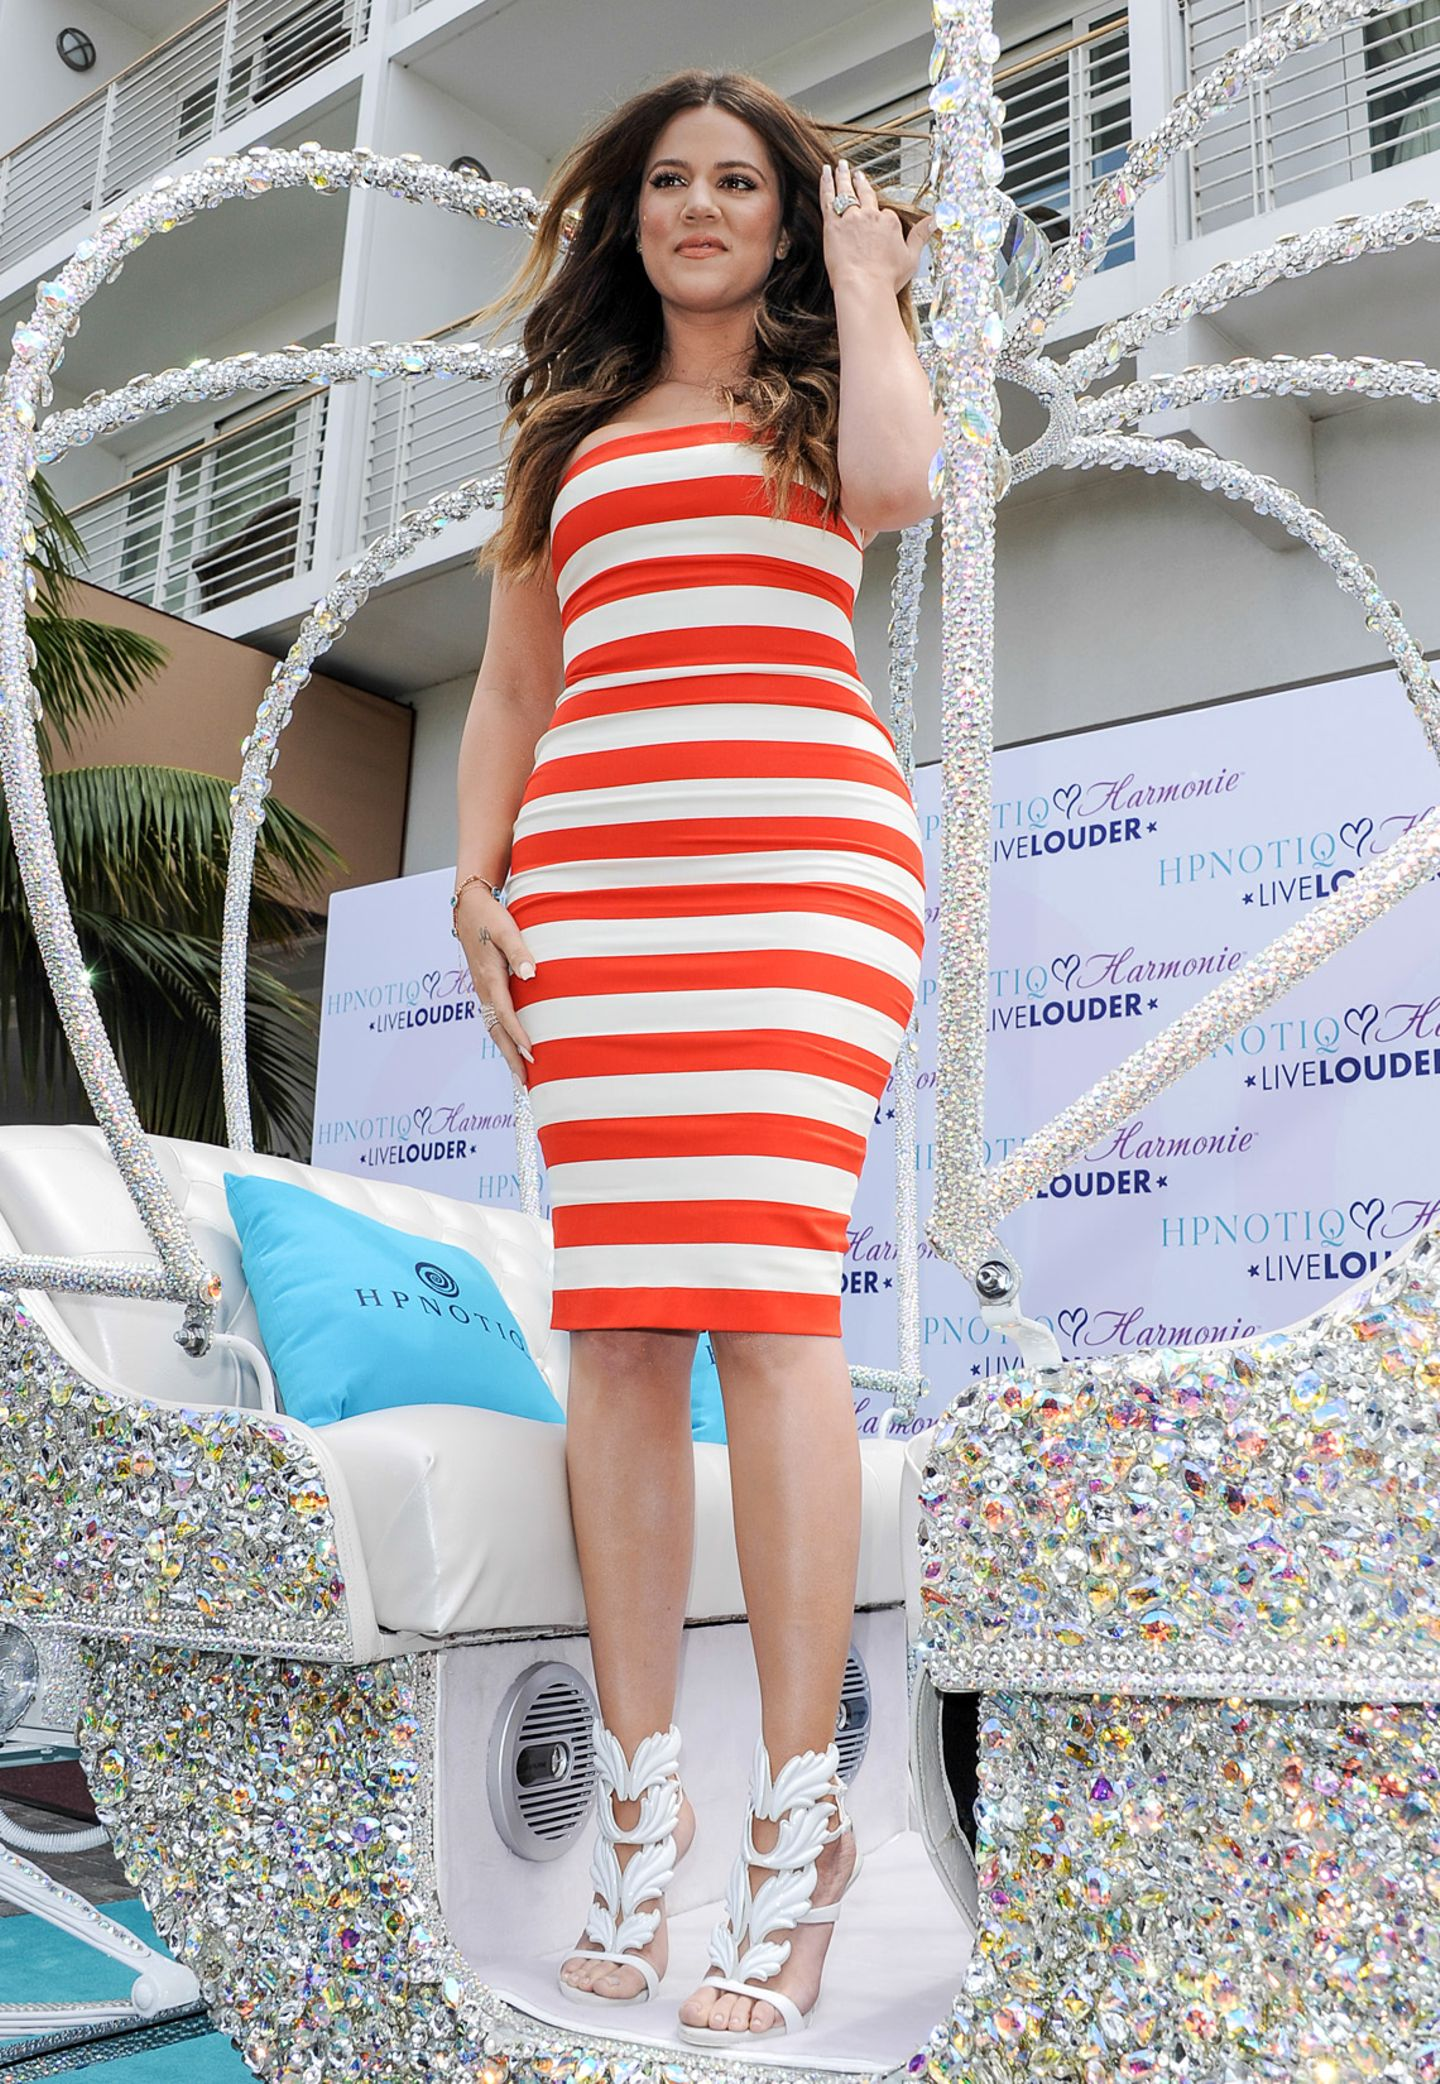 Ihre neue, schlankere Silhouette präsentiert Khloe Kardashian in einem gestreiften Bandeau-Kleid.